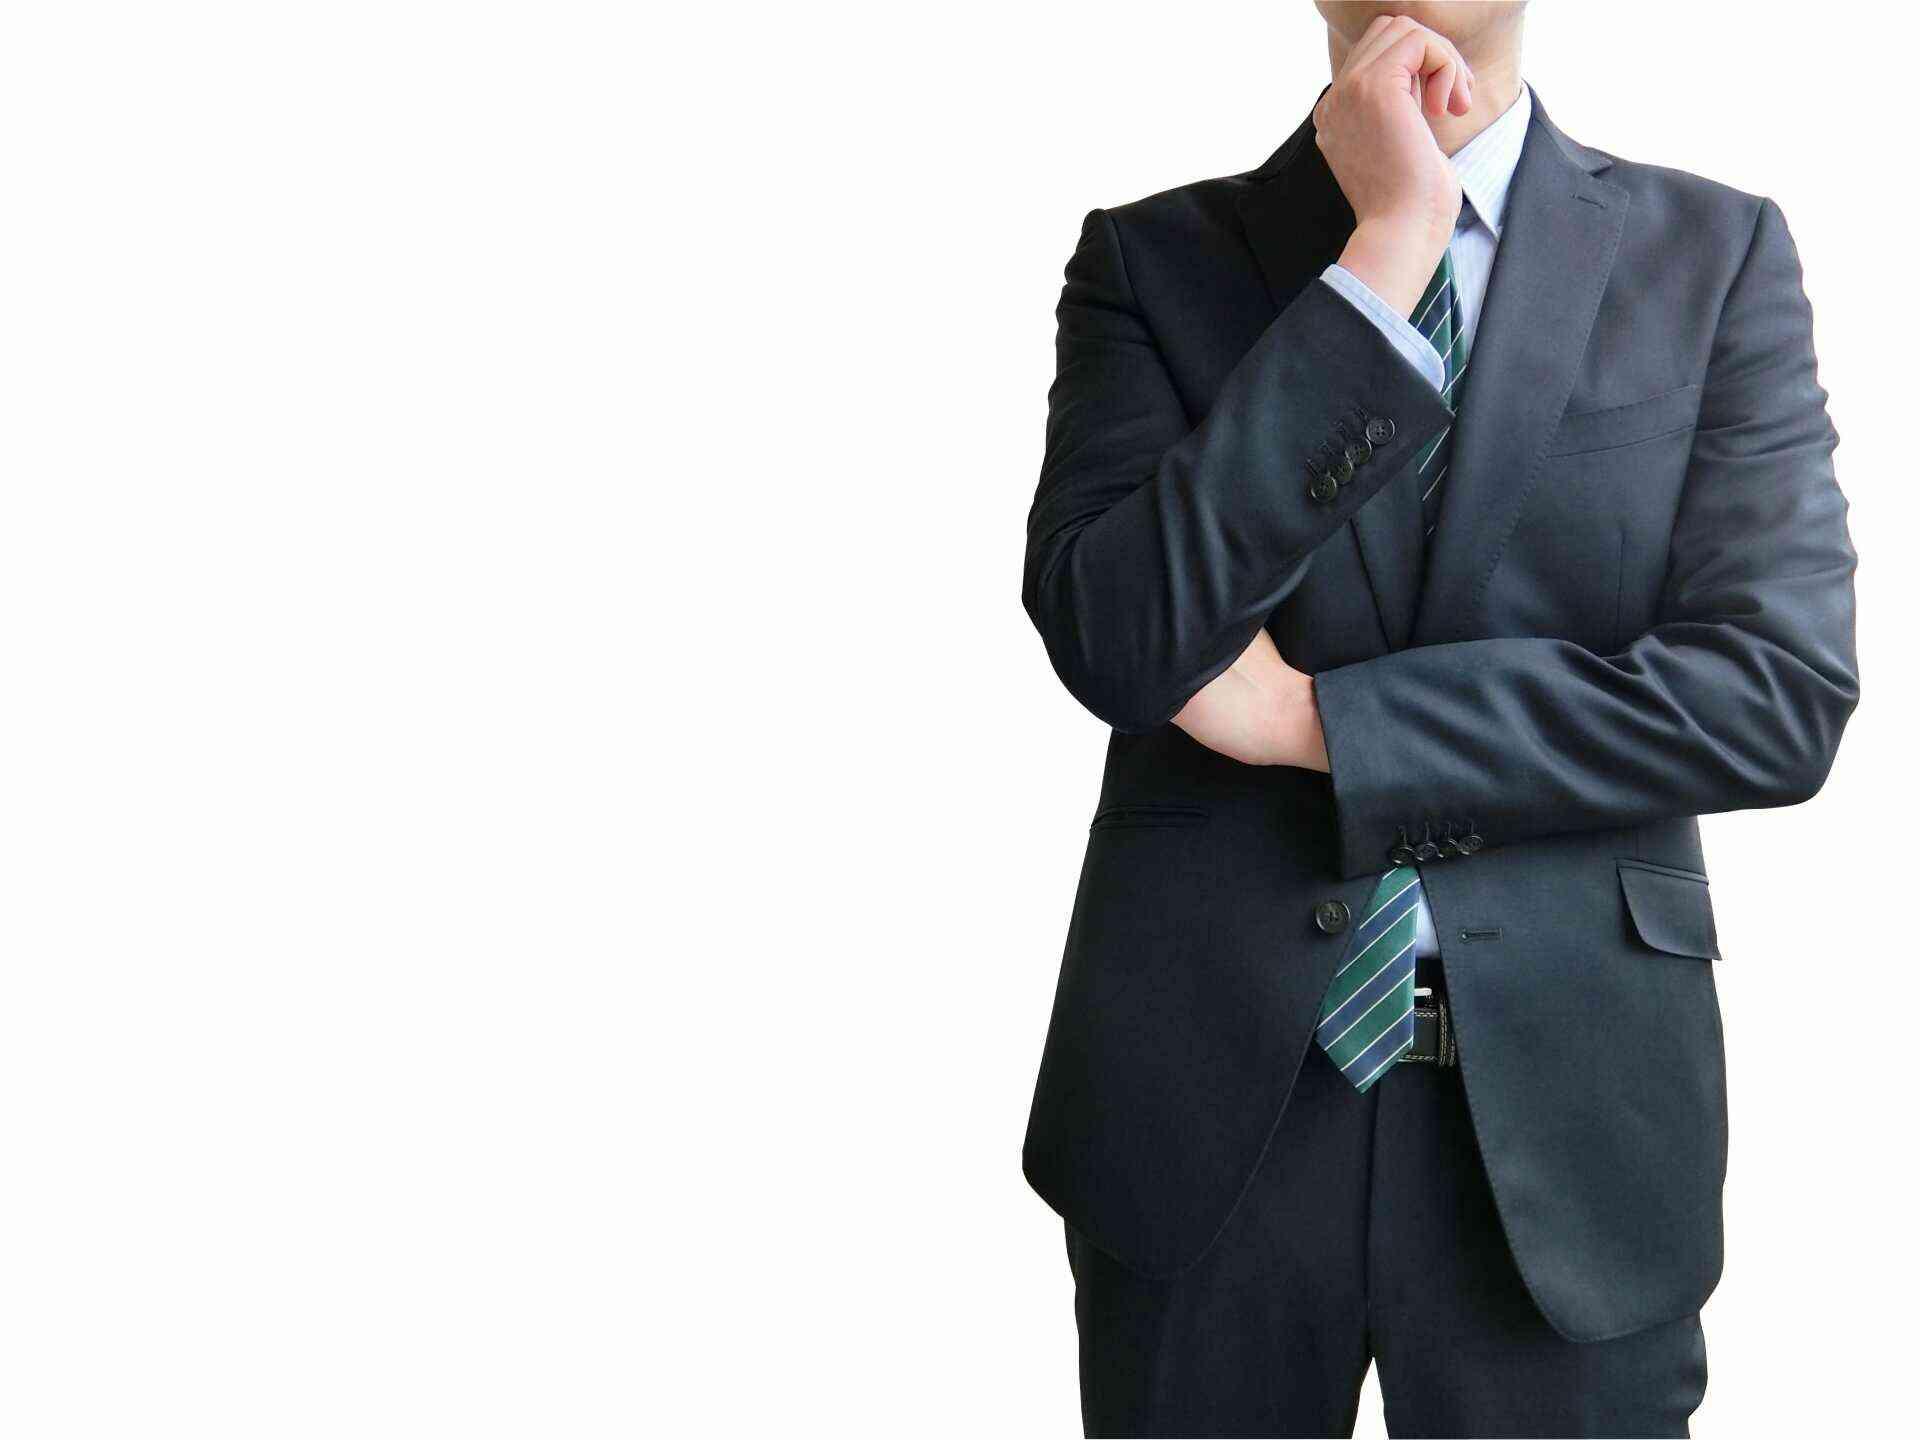 弱みを面接で回答する方法は?自己PRに変えて就活を成功させよう!